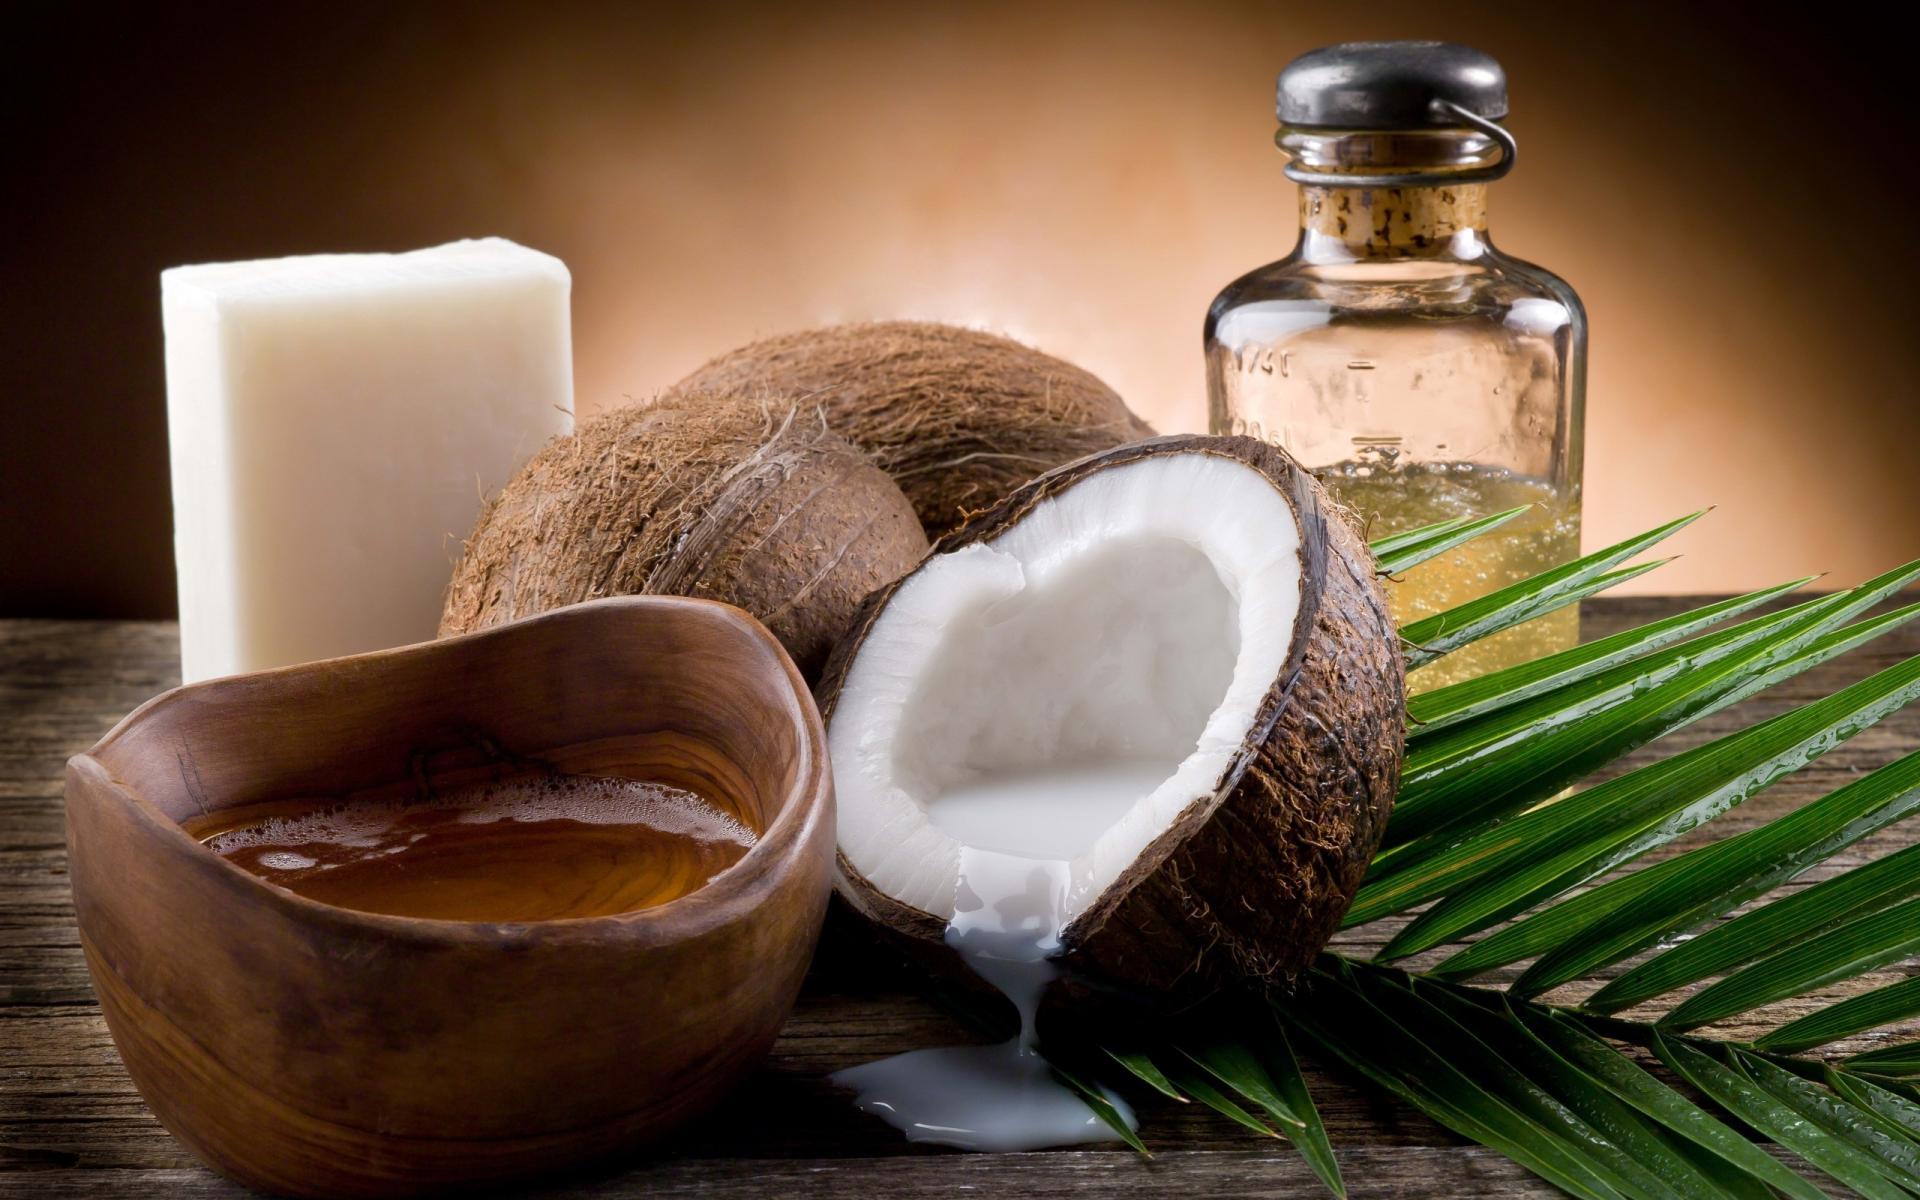 кокосовое масло красивая картинка ответы